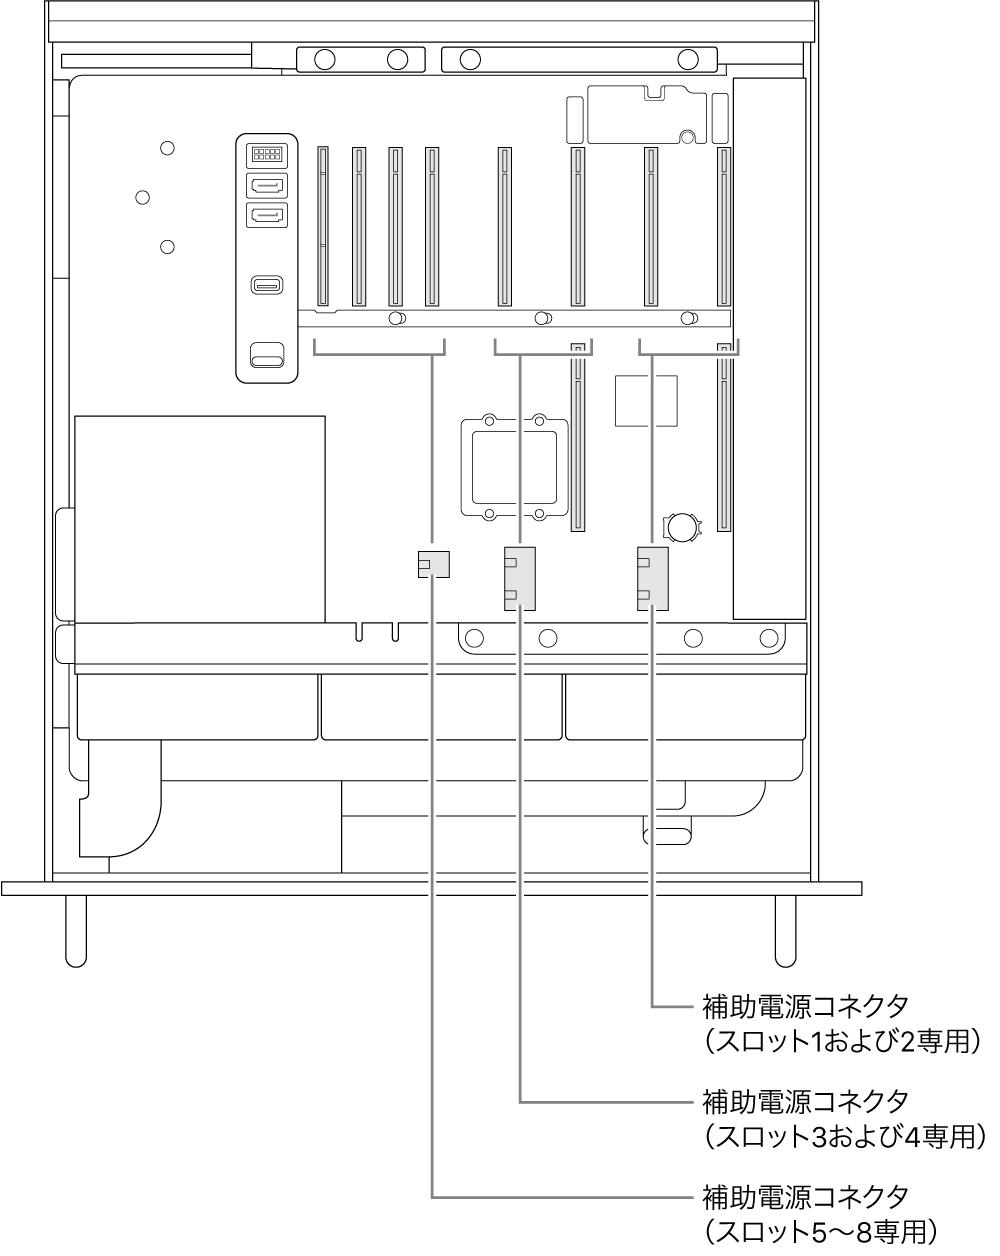 開いているMac Proの側面。スロットと補助電源コネクタの関係を示すコールアウト。